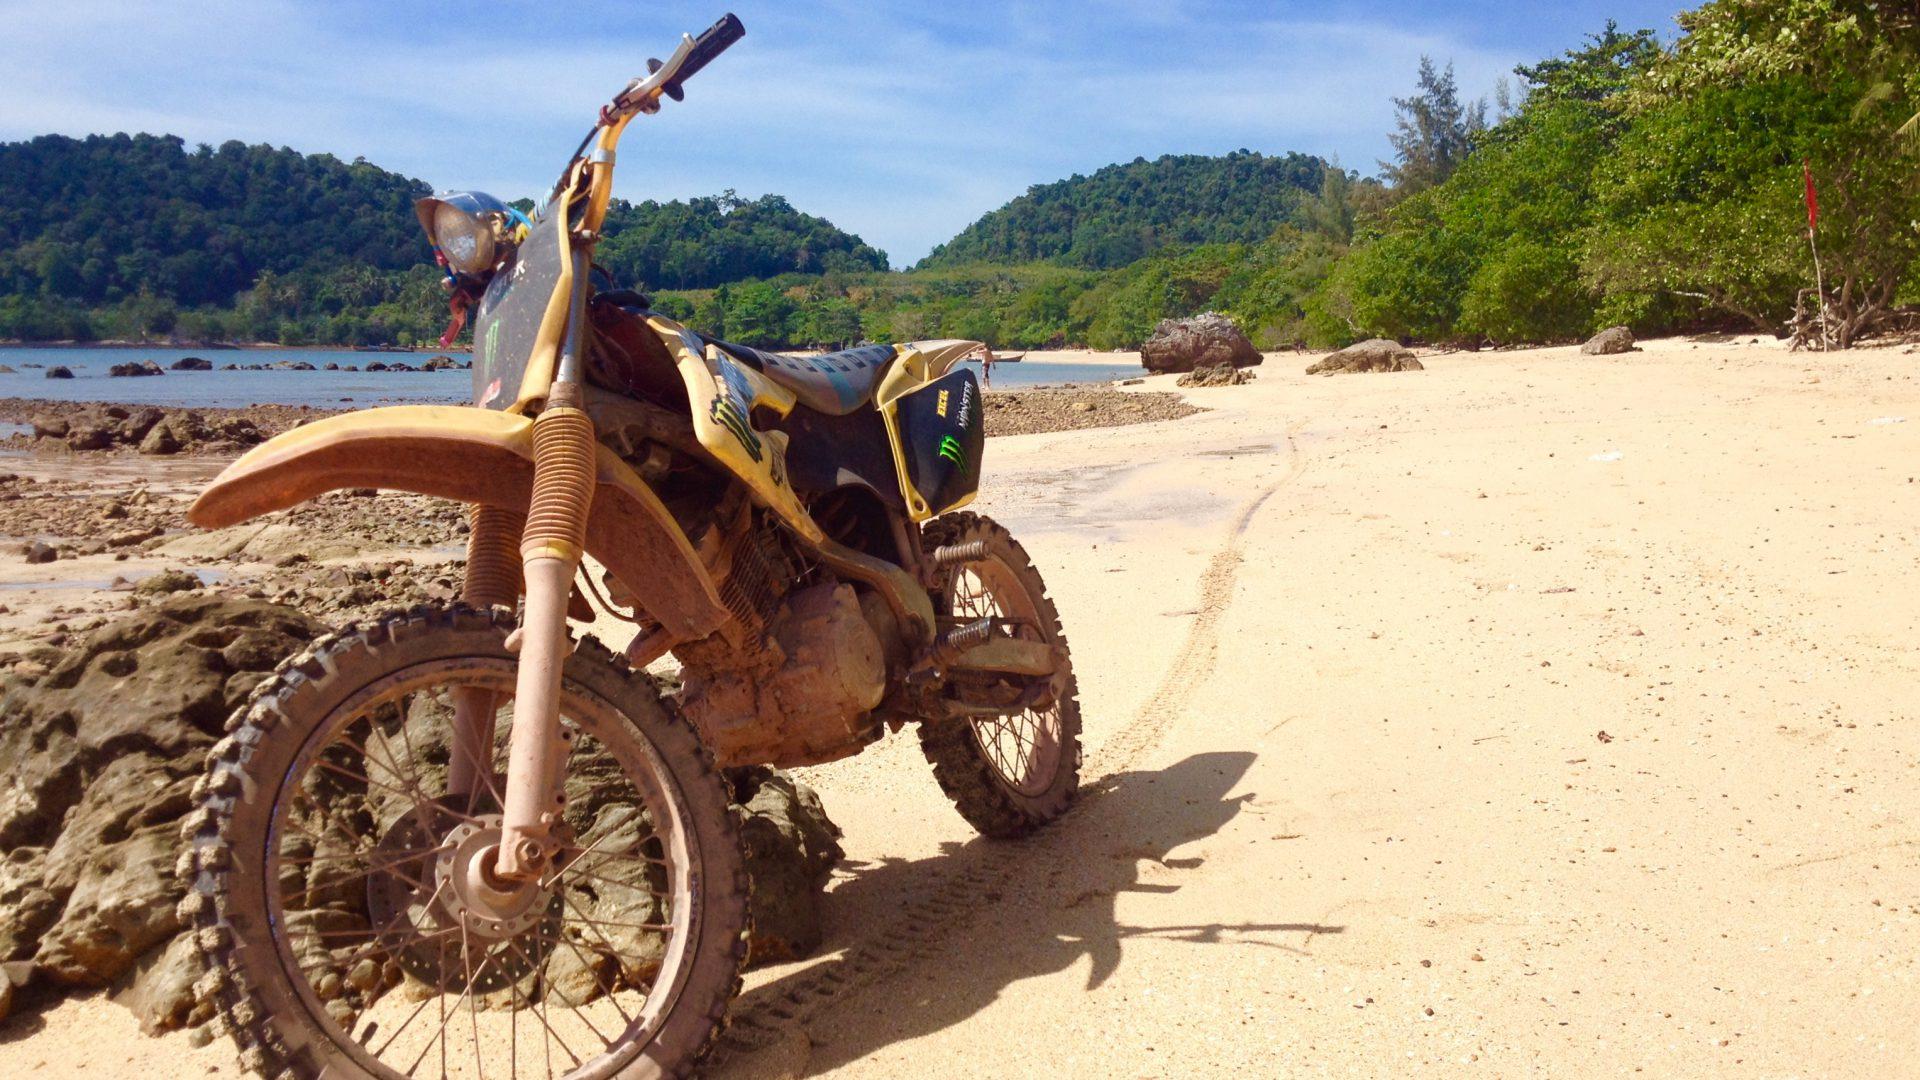 DESETI BRAT MOTORIST / FILIPINI